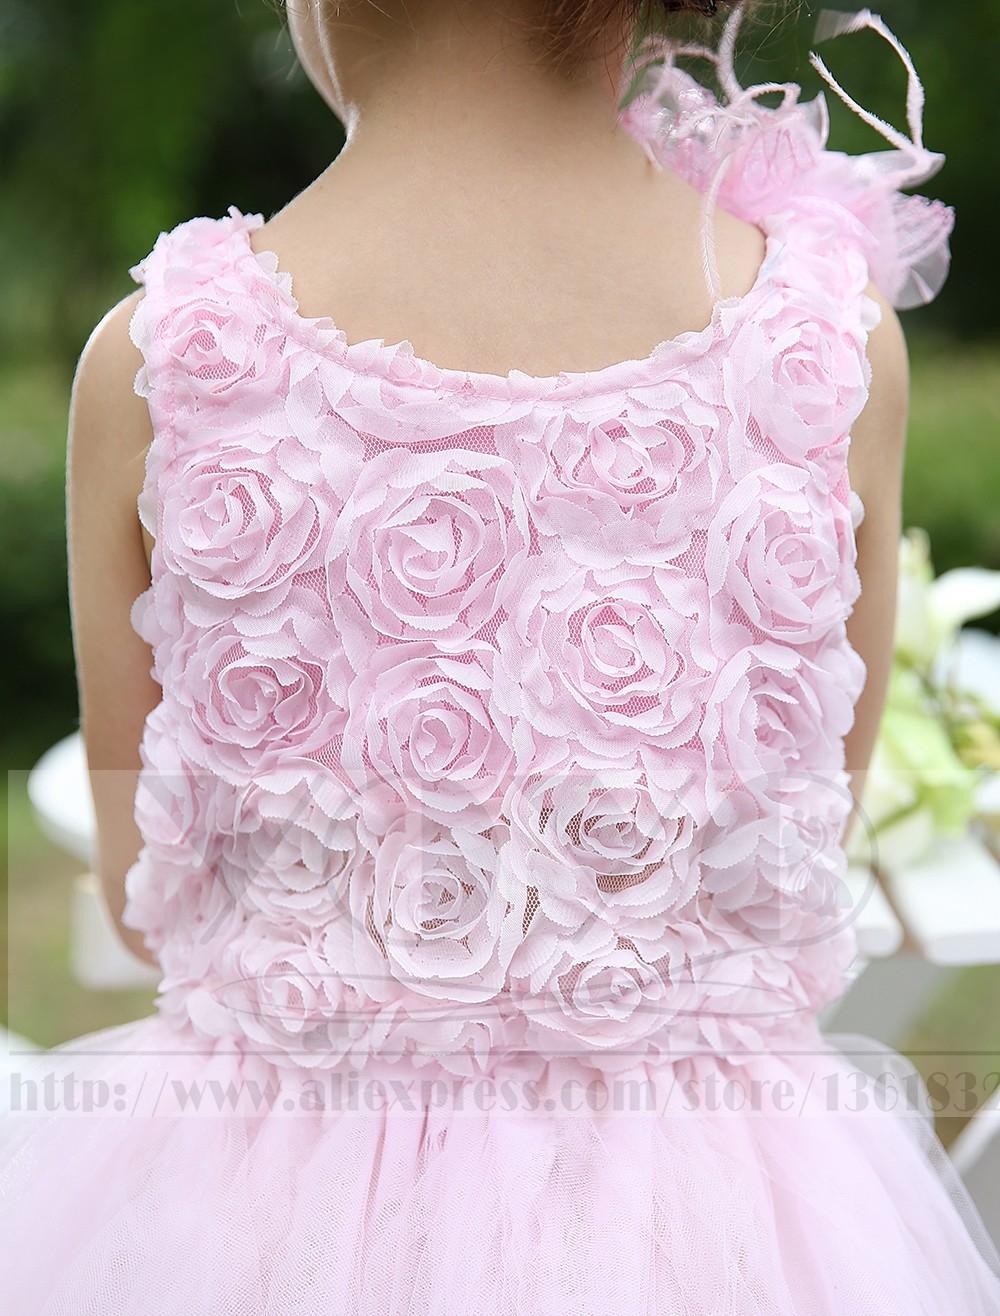 Скидки на Элегантный тюль бледно-розовый детей платья аппликациями цветы девушки дети формальные торжества платья [ головной убор входит ]